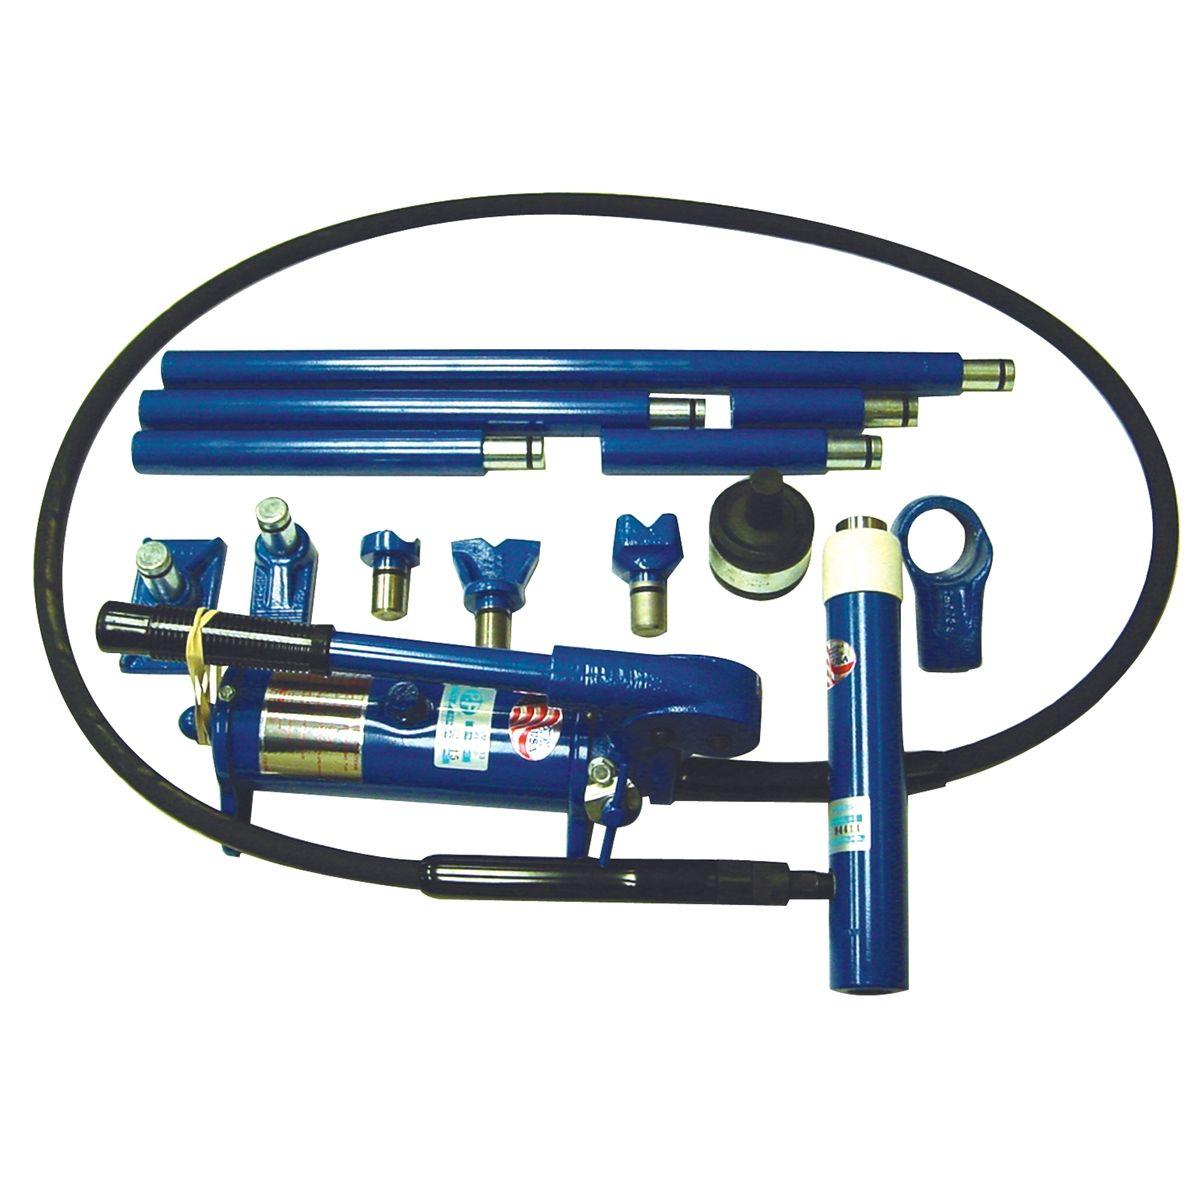 Midget hydraulic pumps